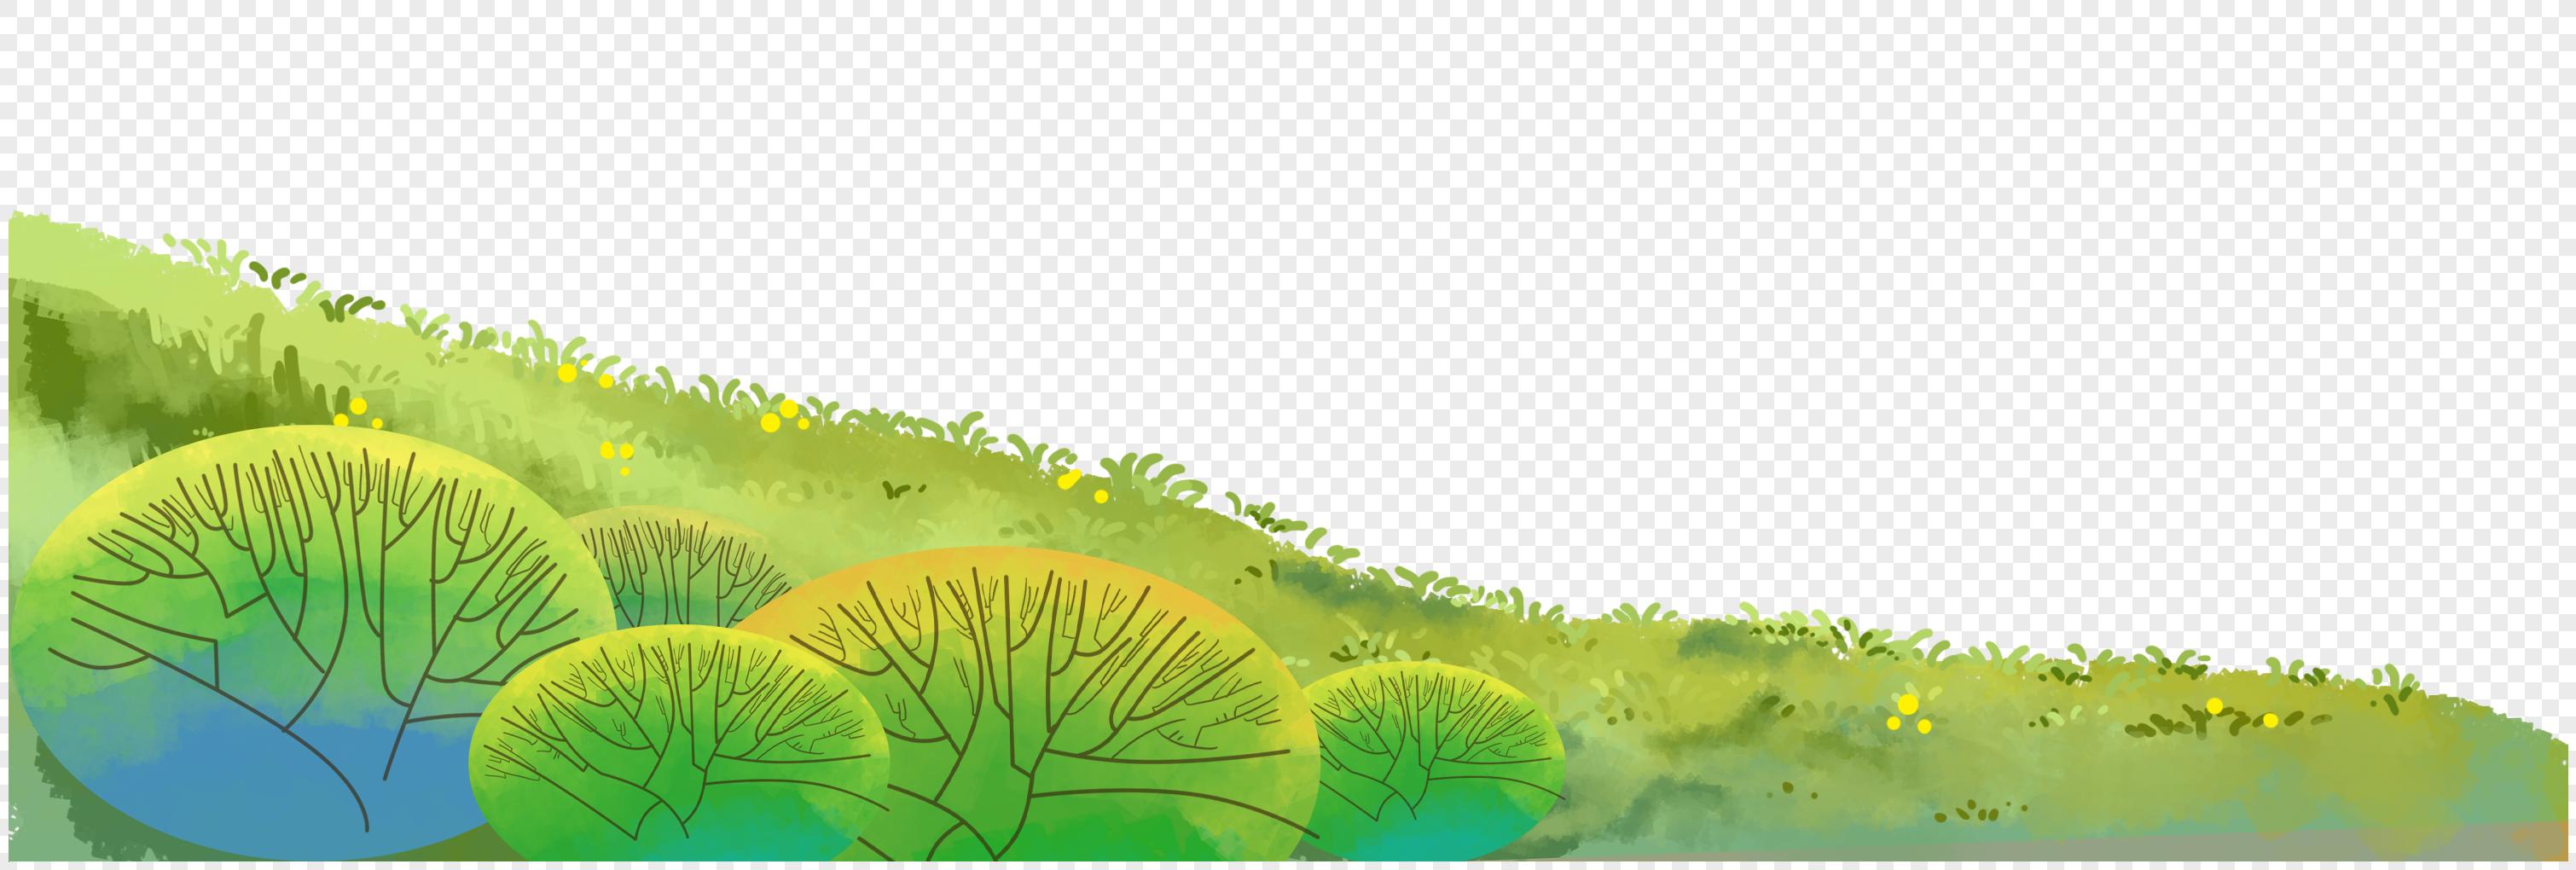 手绘草地图片素材_免费下载_图片格式_vrf高清图片_摄